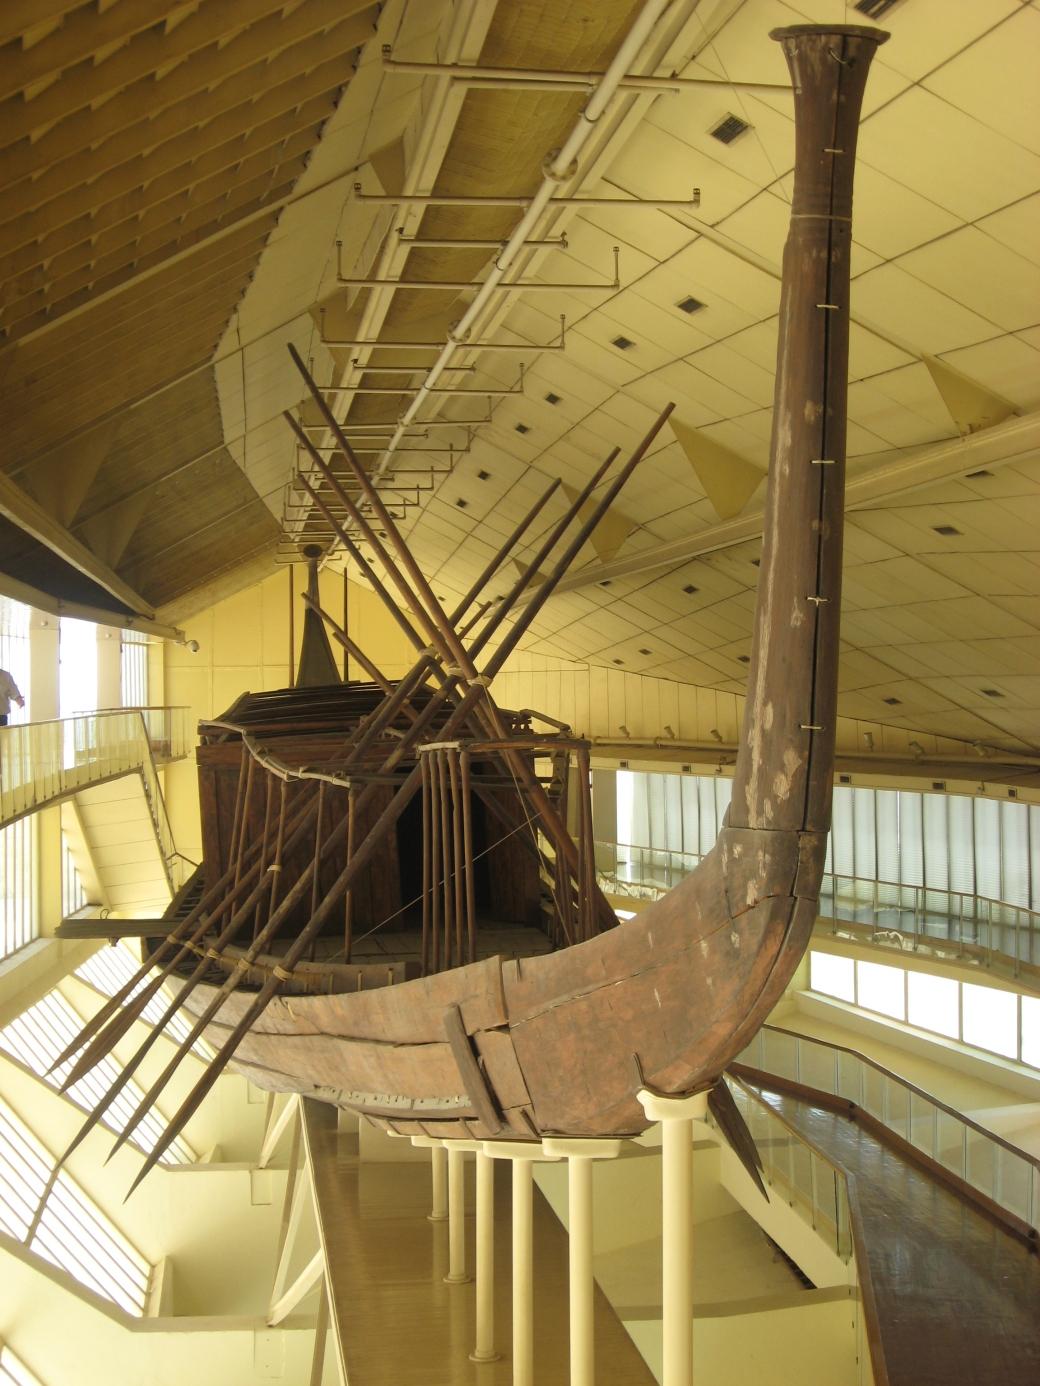 Solar Boat Museum - 5/7/07